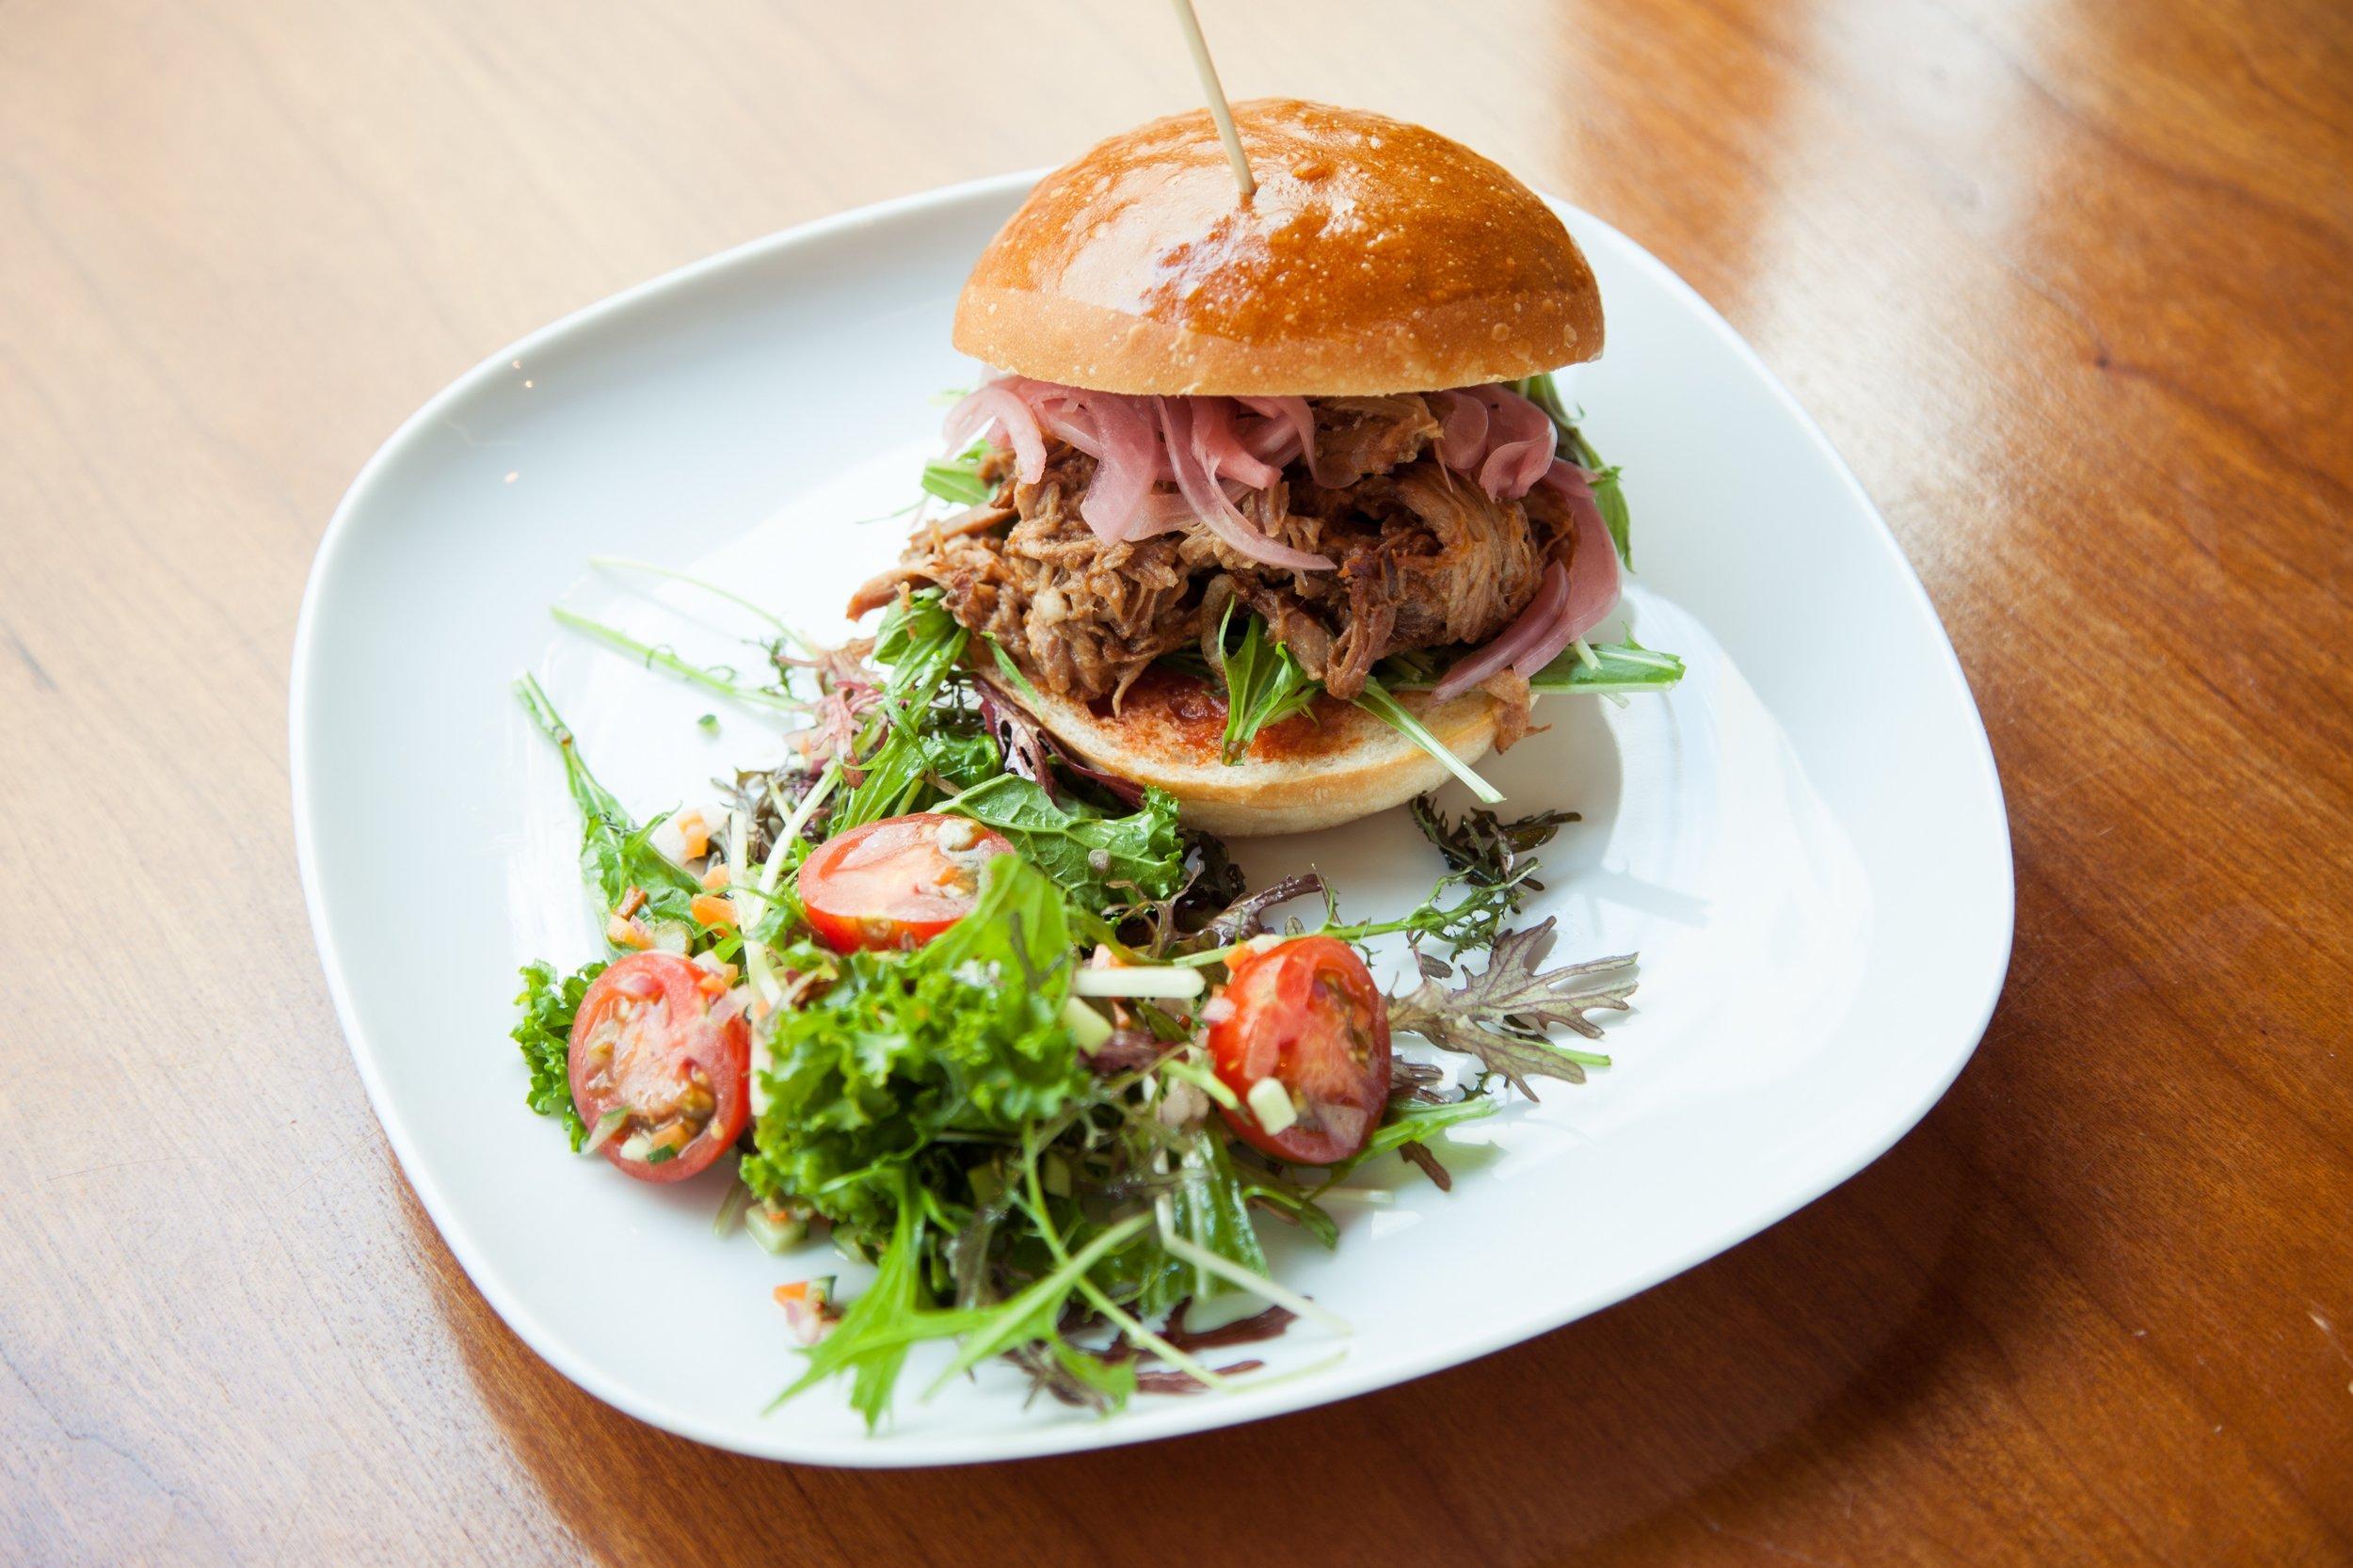 プルドポークサンドウィッチ 紫タマネギピクルス&カーリーフライドポテト。Pulled Pork Sandwich w/ Pickled Red Onion and Side Salad